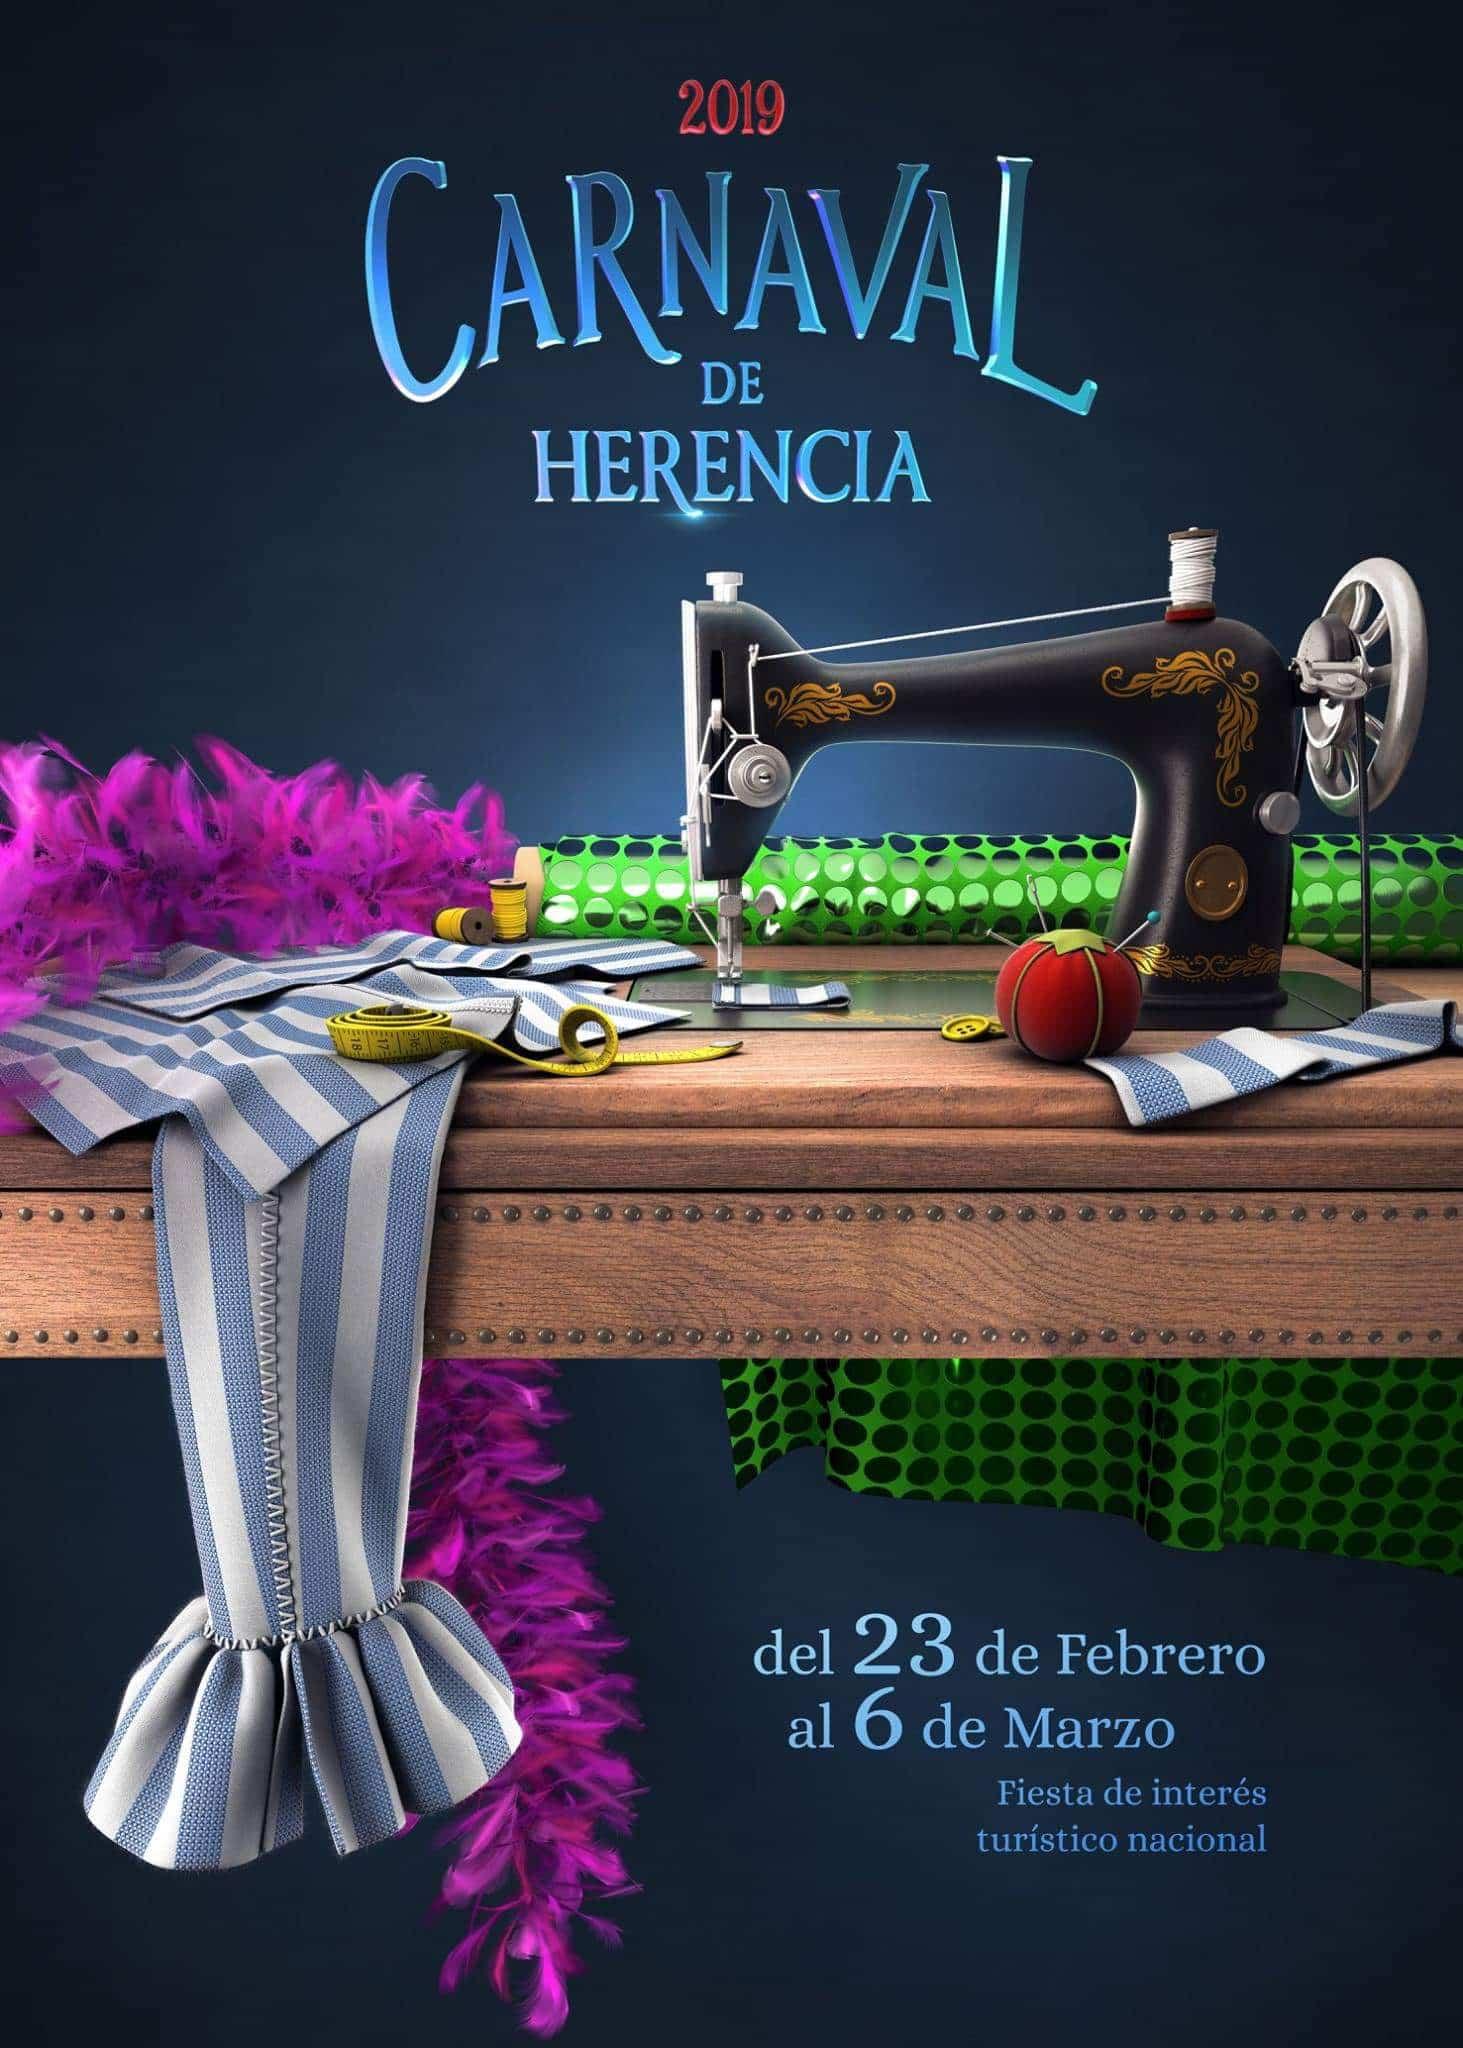 Cartel del Carnaval de Herencia 2019